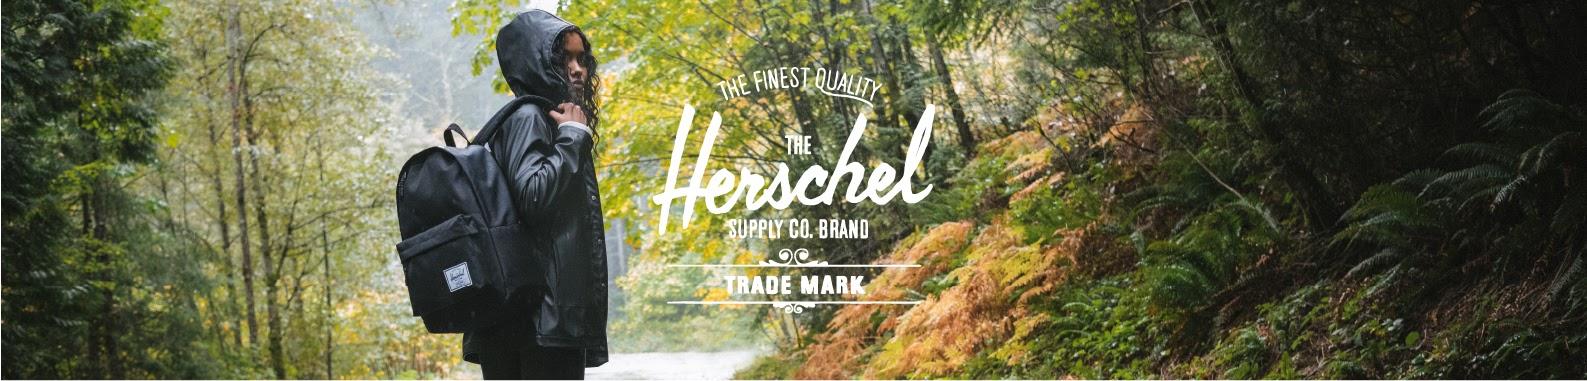 Herschel Supply Co. brand header image